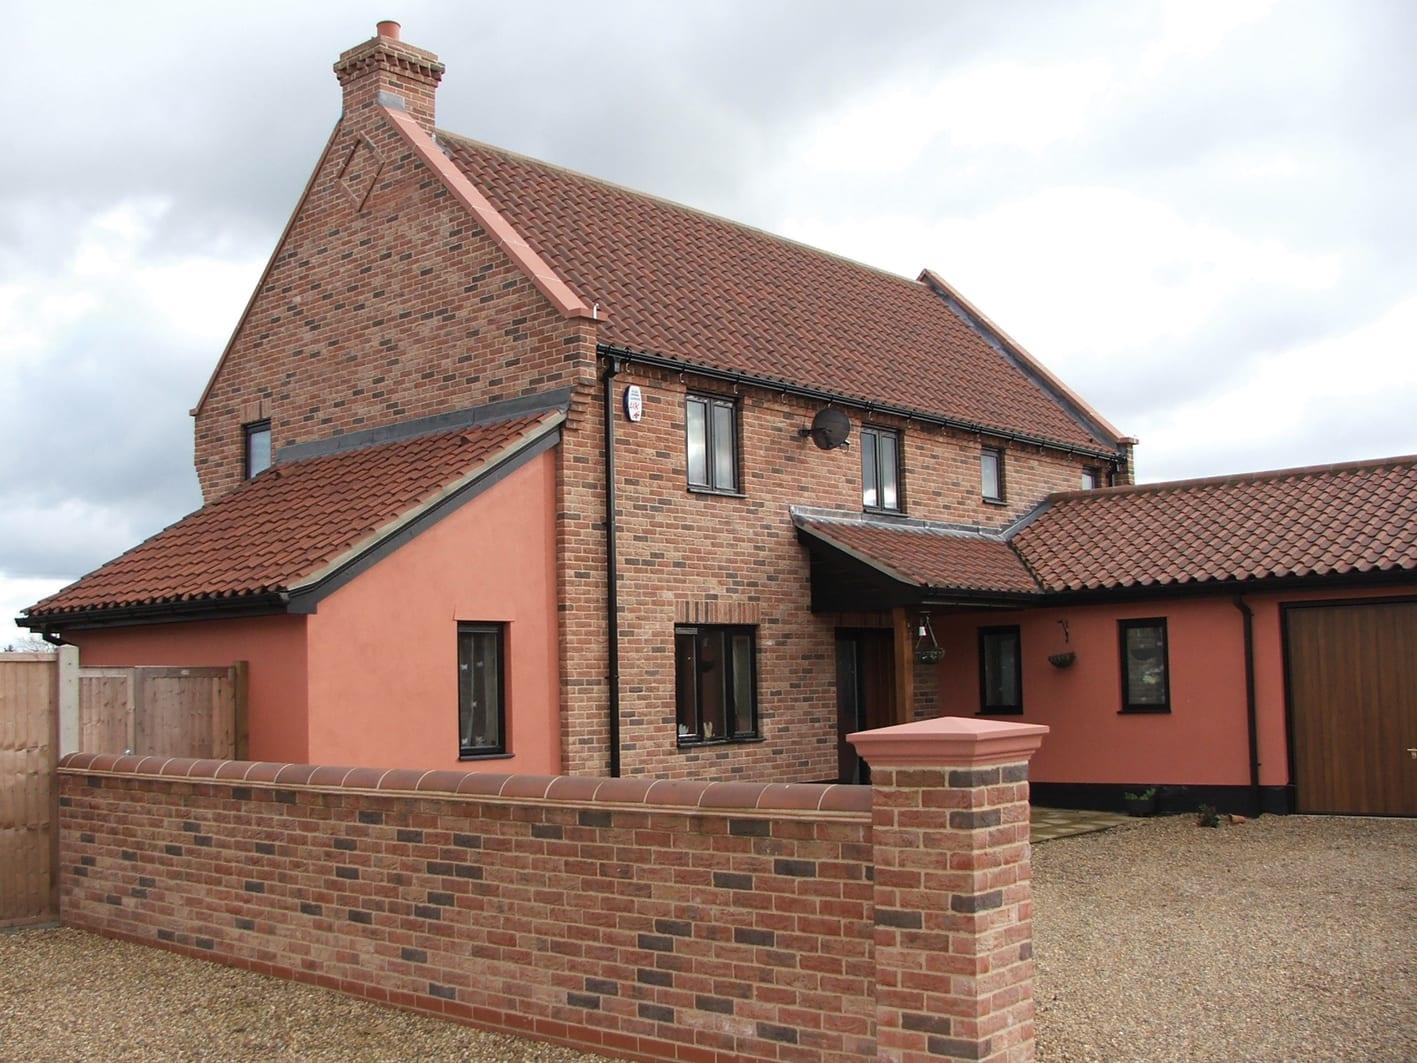 Traditional Farmhouse Exterior Brick Tiles